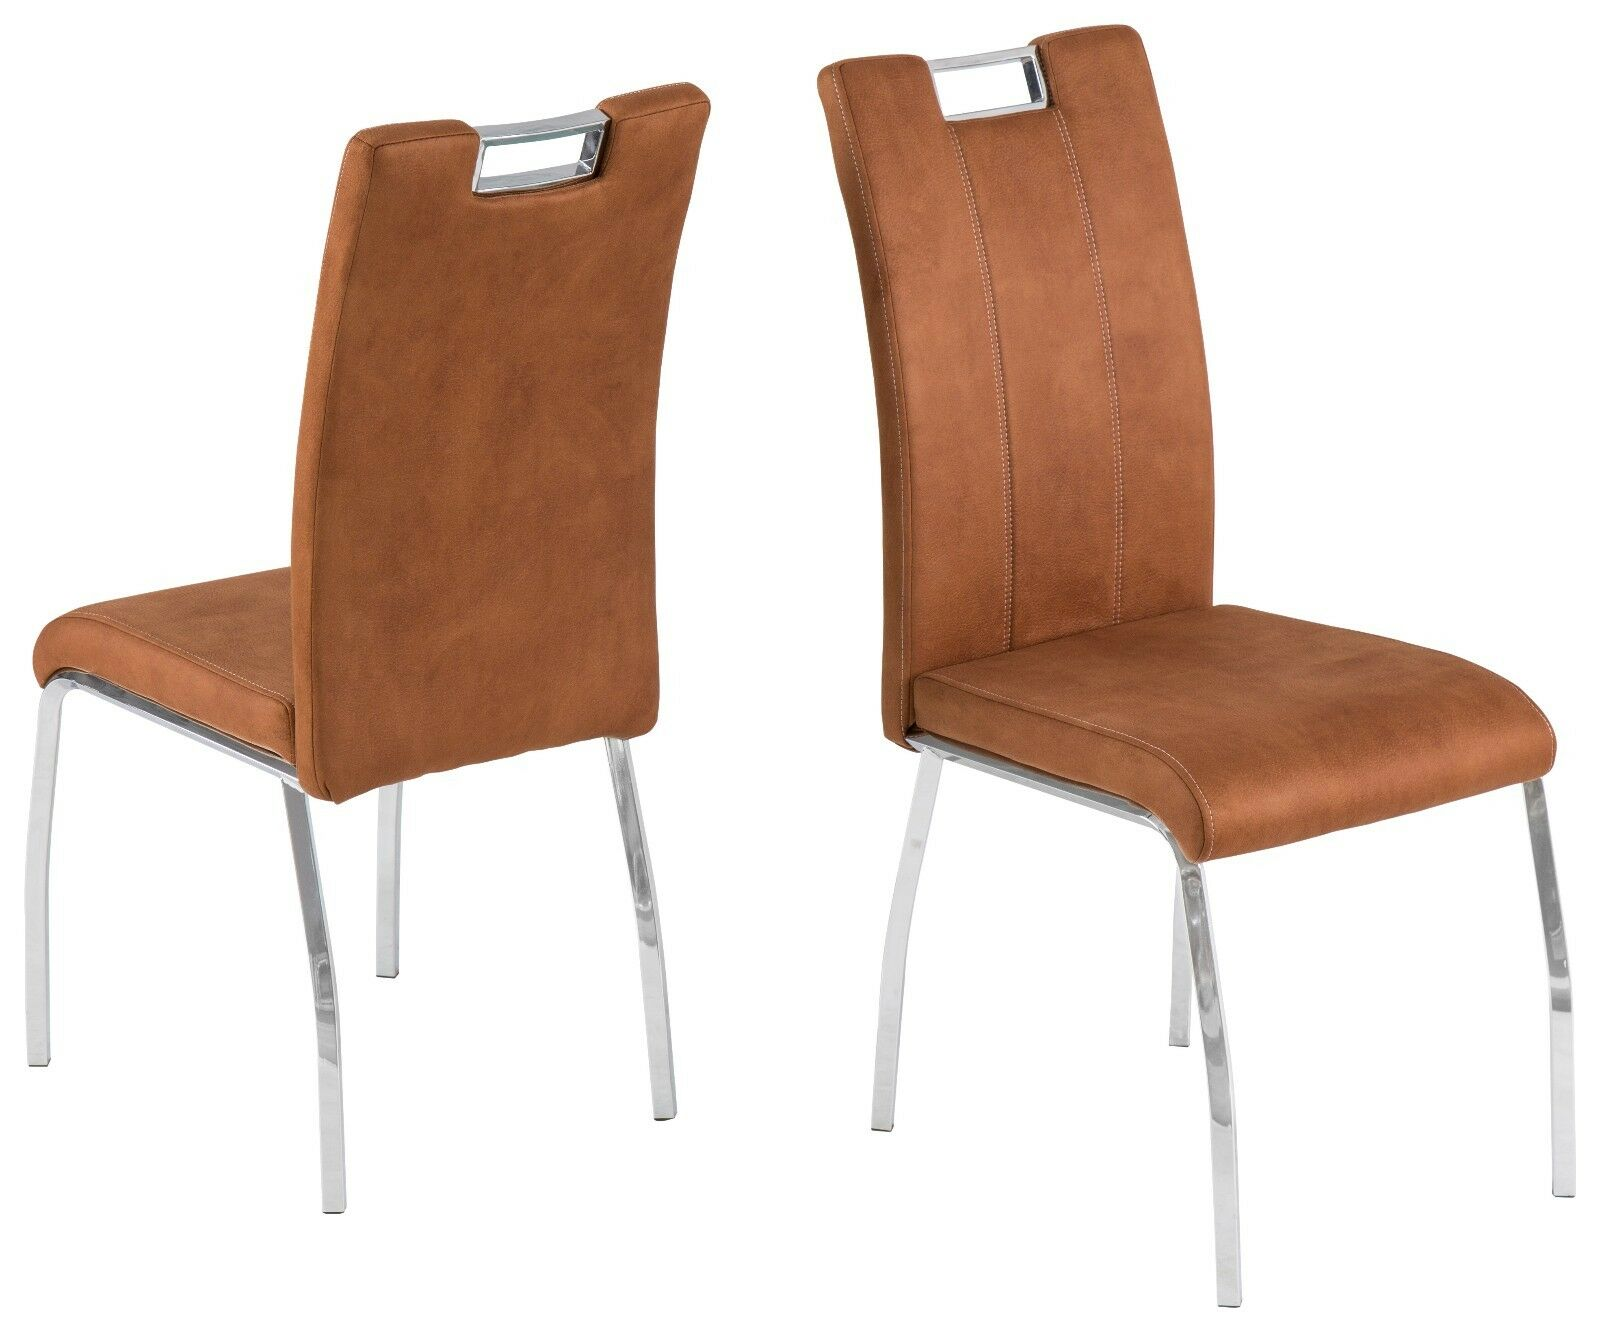 Inspirierend Esszimmerstühle Cognac Foto Von 4 X Stühle Softtex Stuhlset Esszimmerstühle Modern